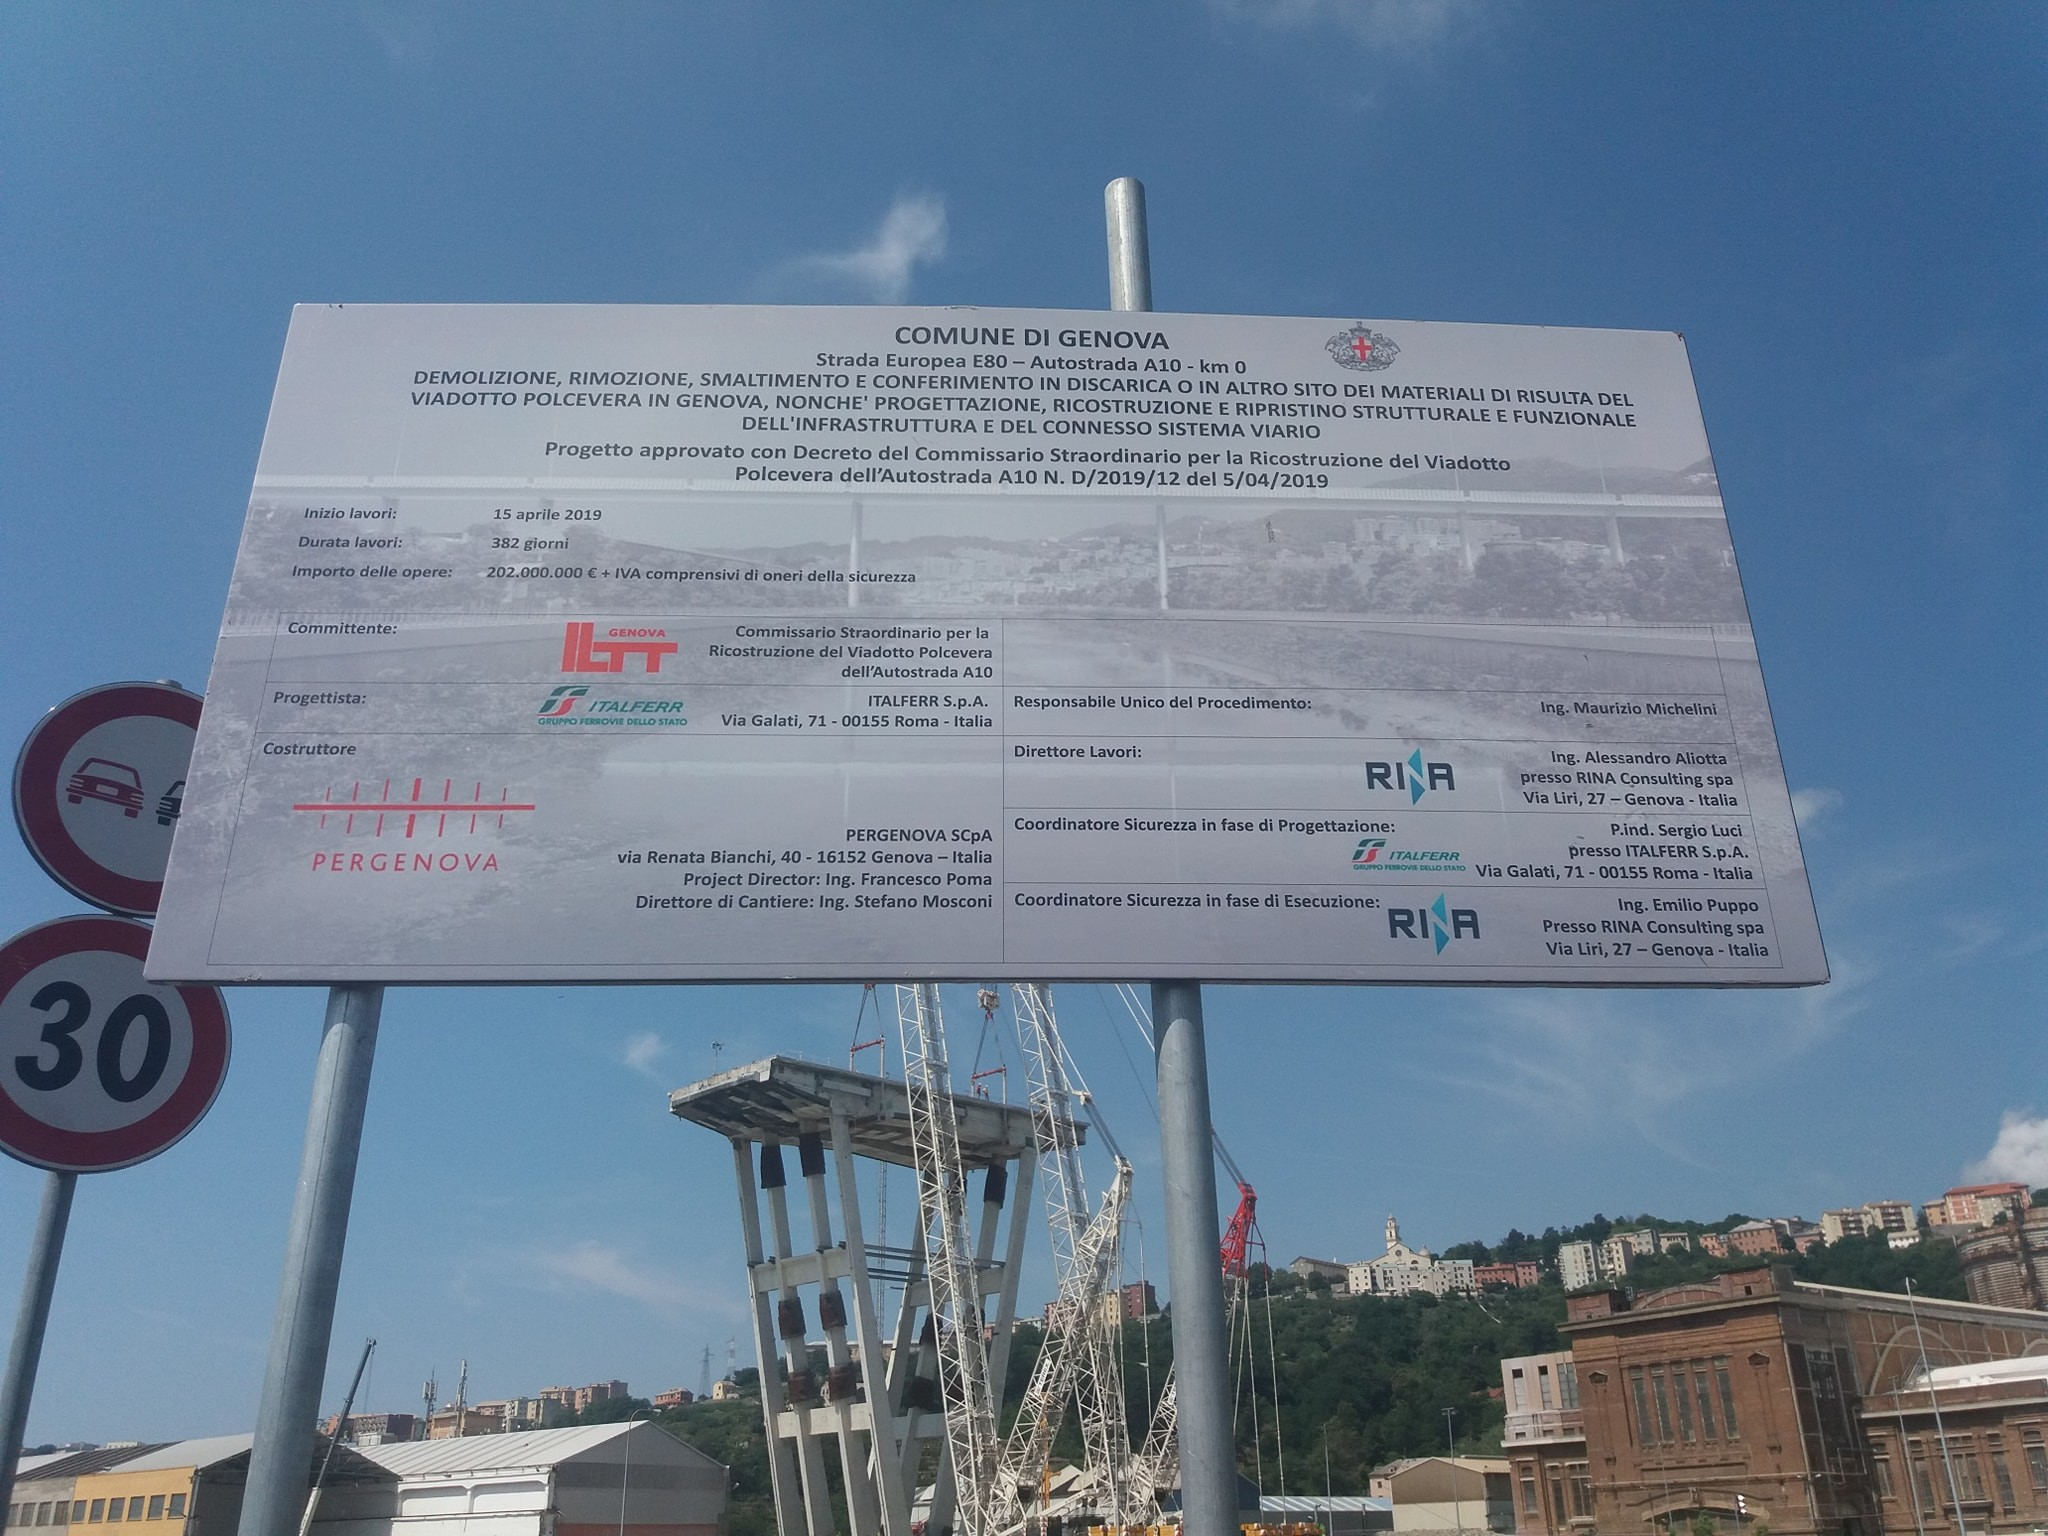 Baustellenschild bei der neuen Morandi-Brücke